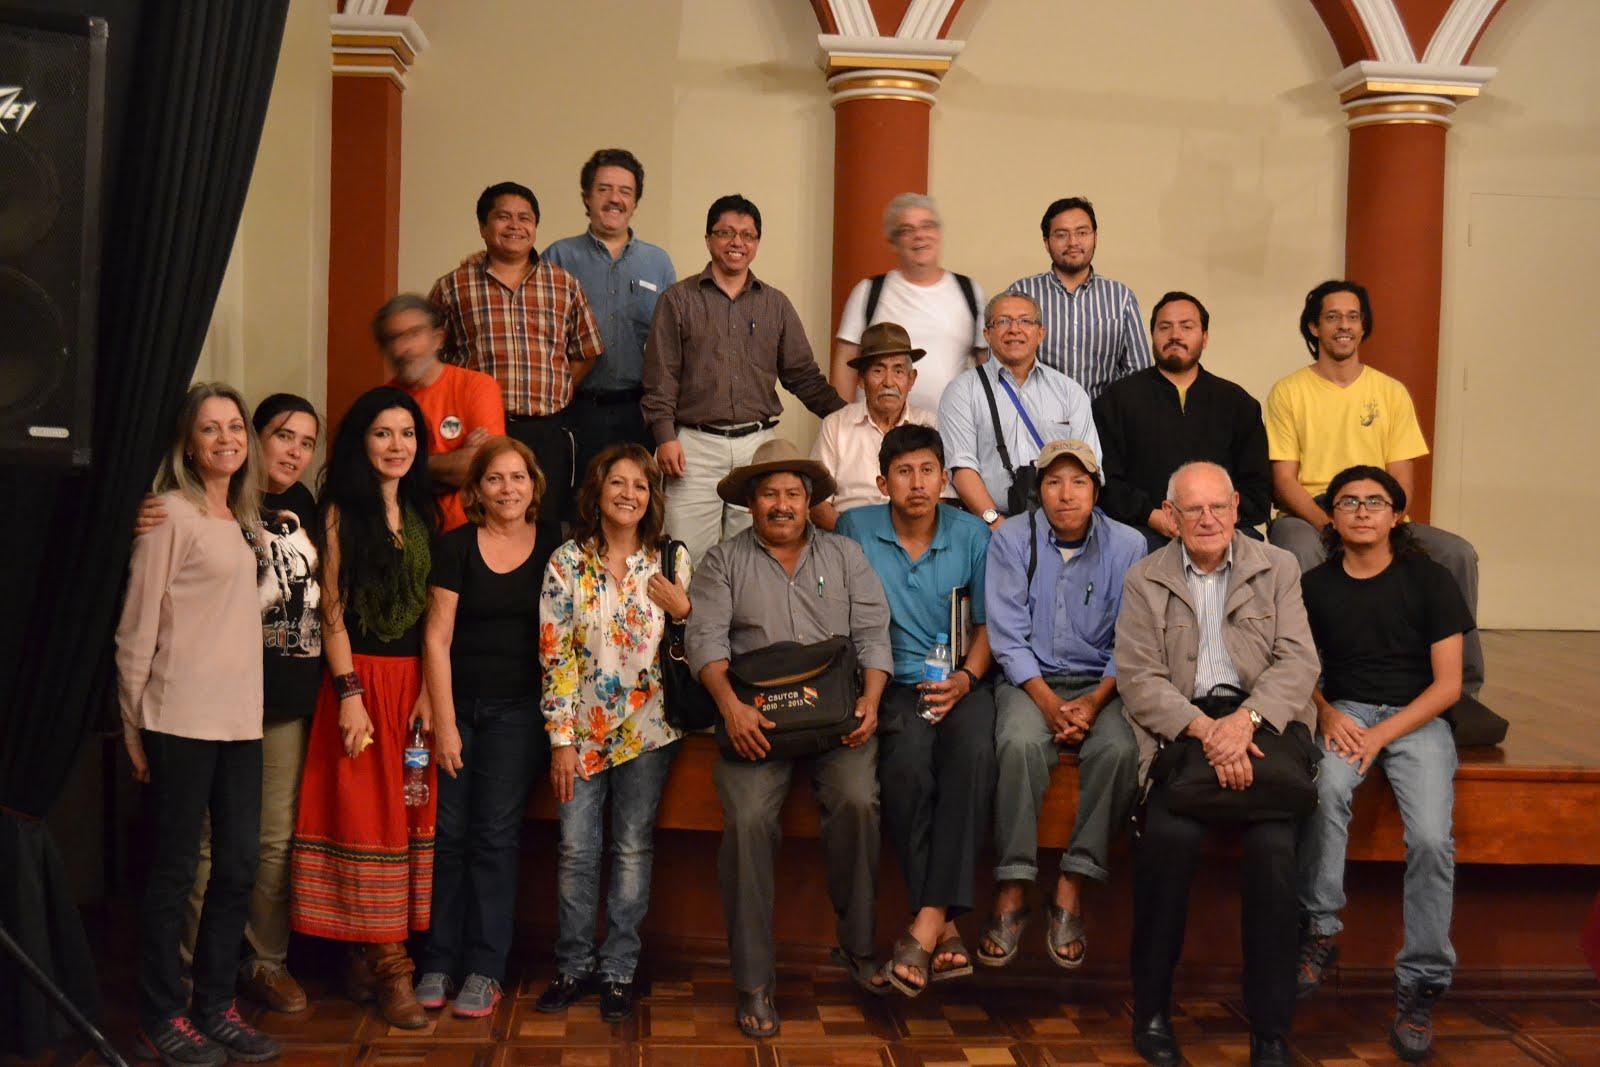 Con colegas del GT Desarrollo Rural de CLACSO y compañeros del Movimiento Indígena y Campesino